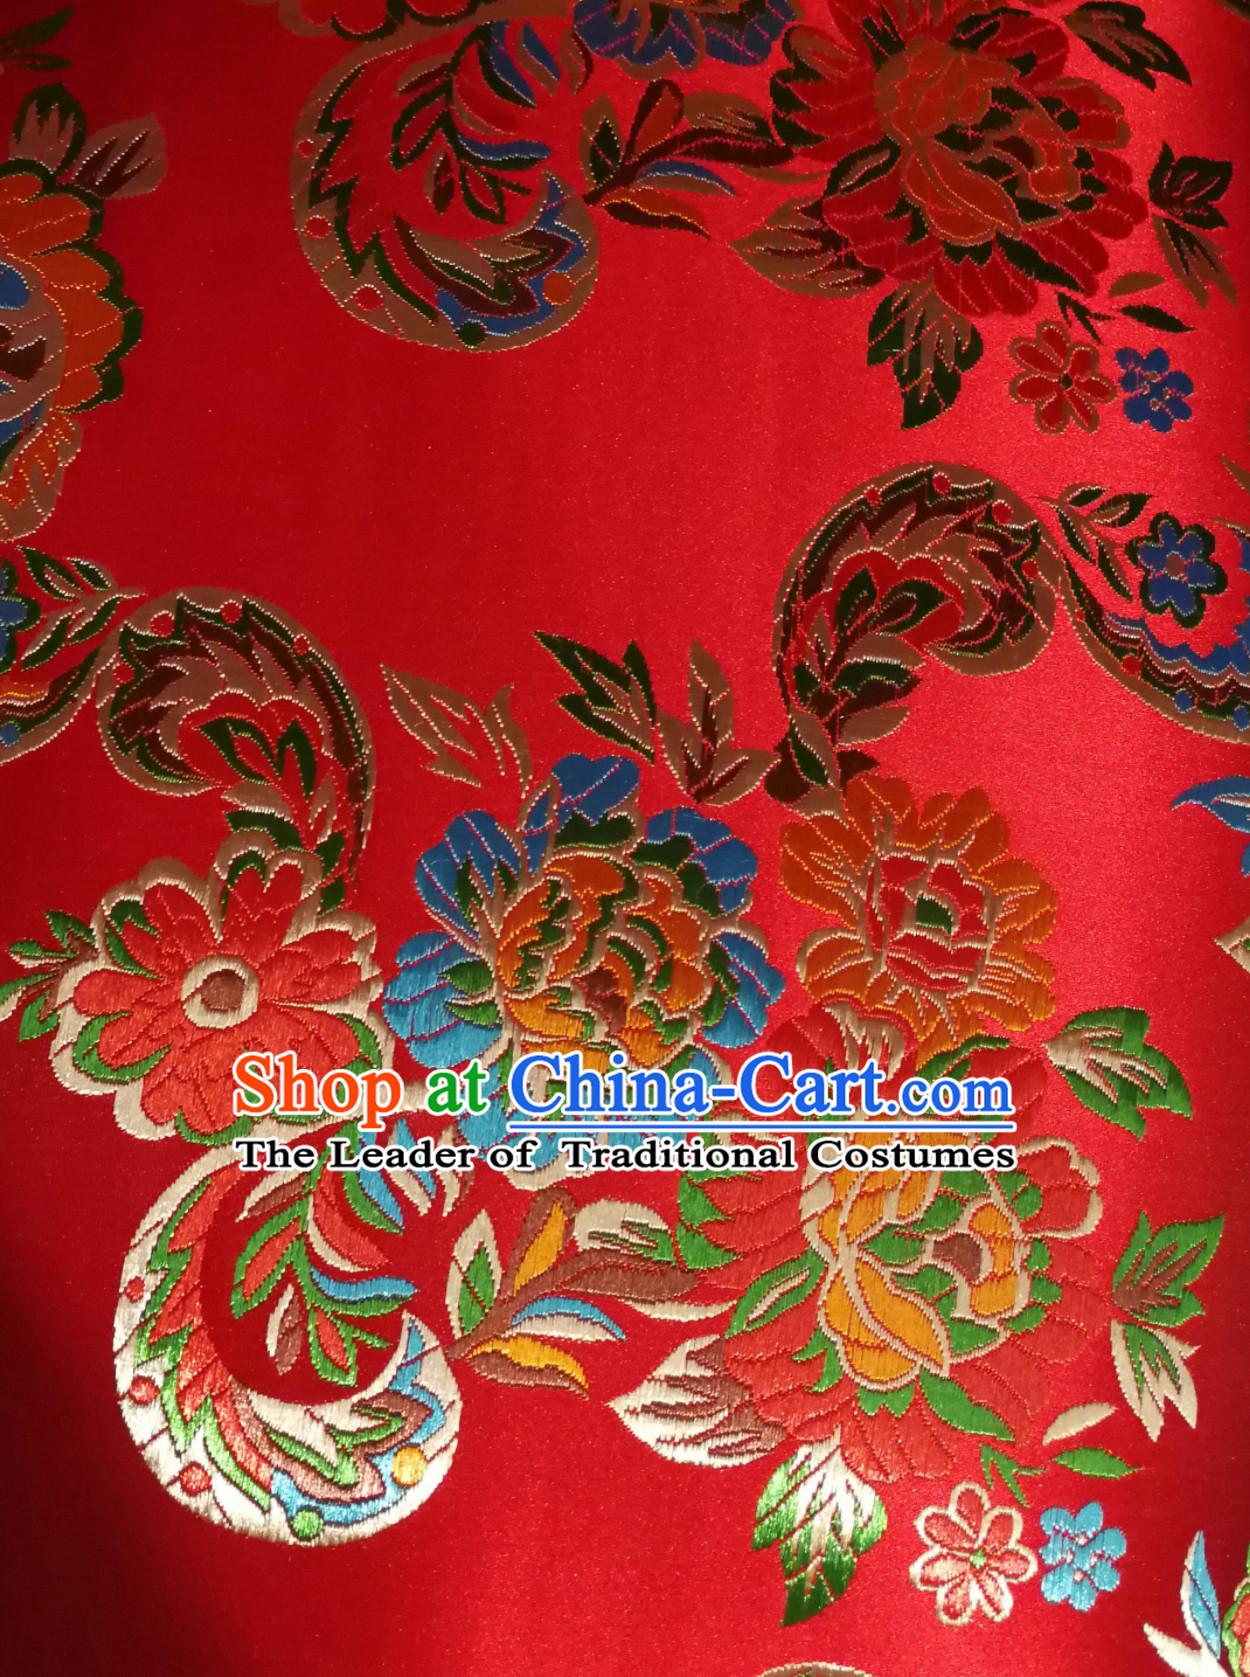 Chinese fabric patterns - photo#42